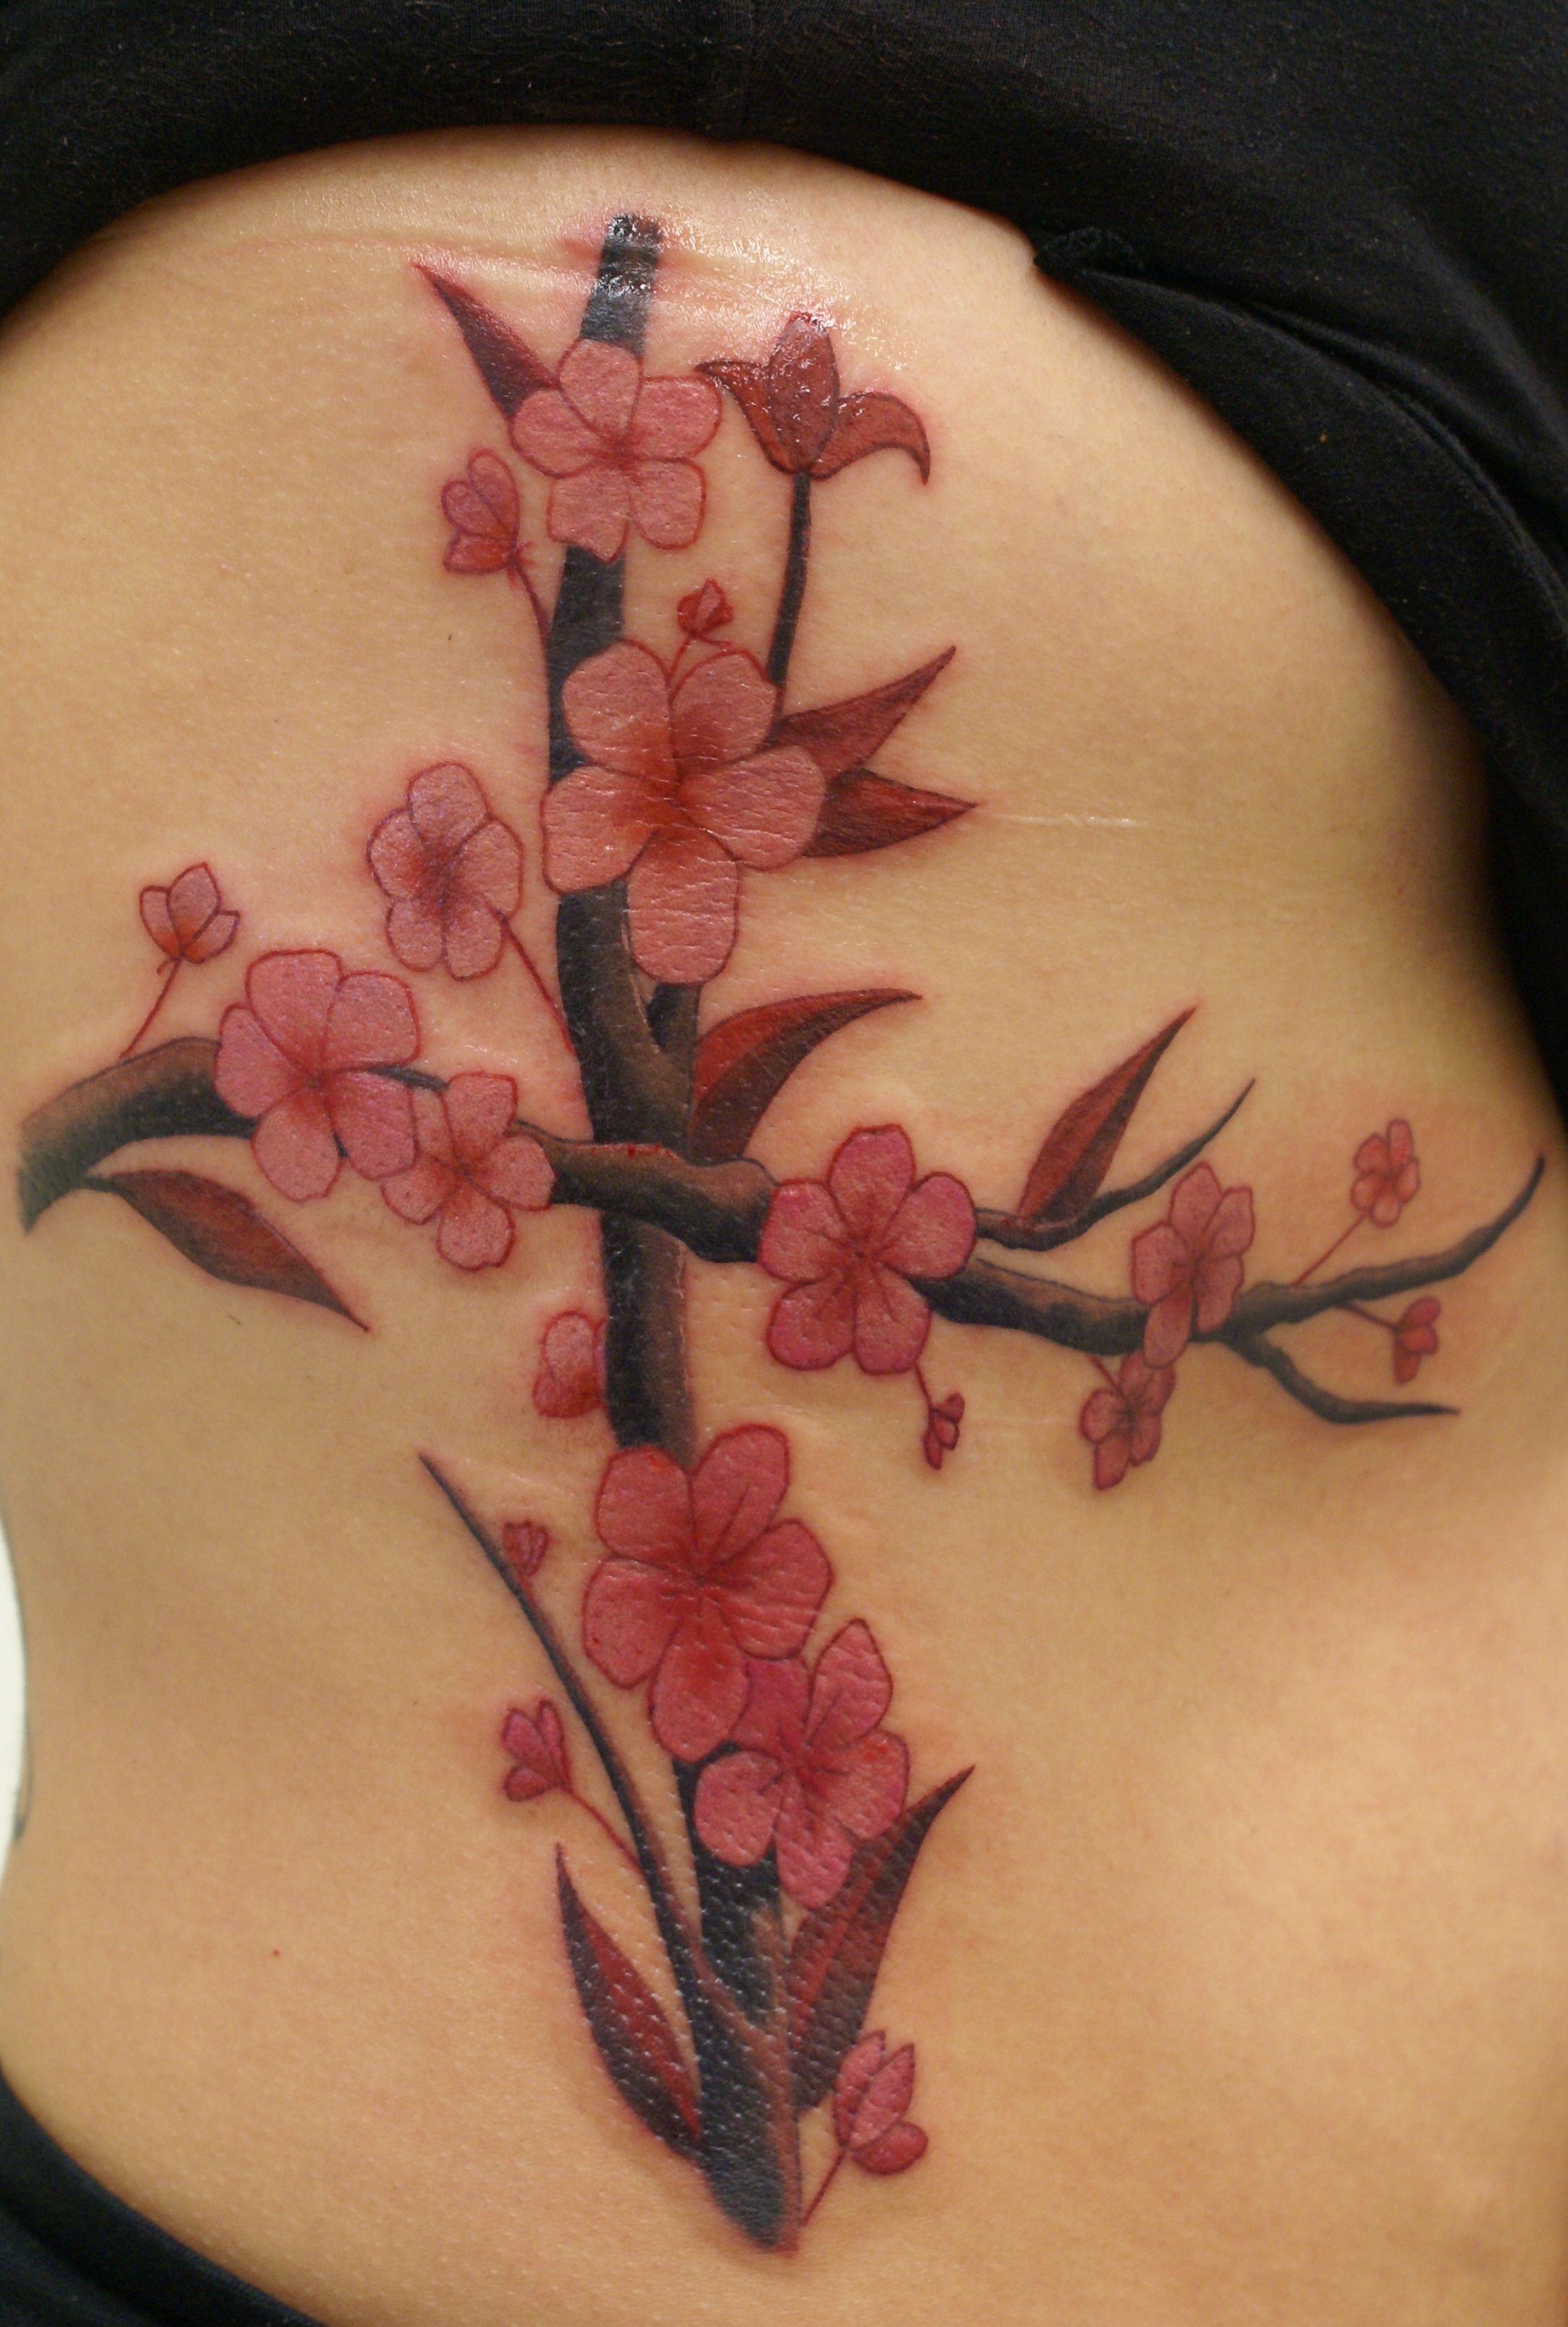 43c9560b3 Cross and cherry blossom tattoo | Tattoo | Blossom tattoo, Tattoos ...